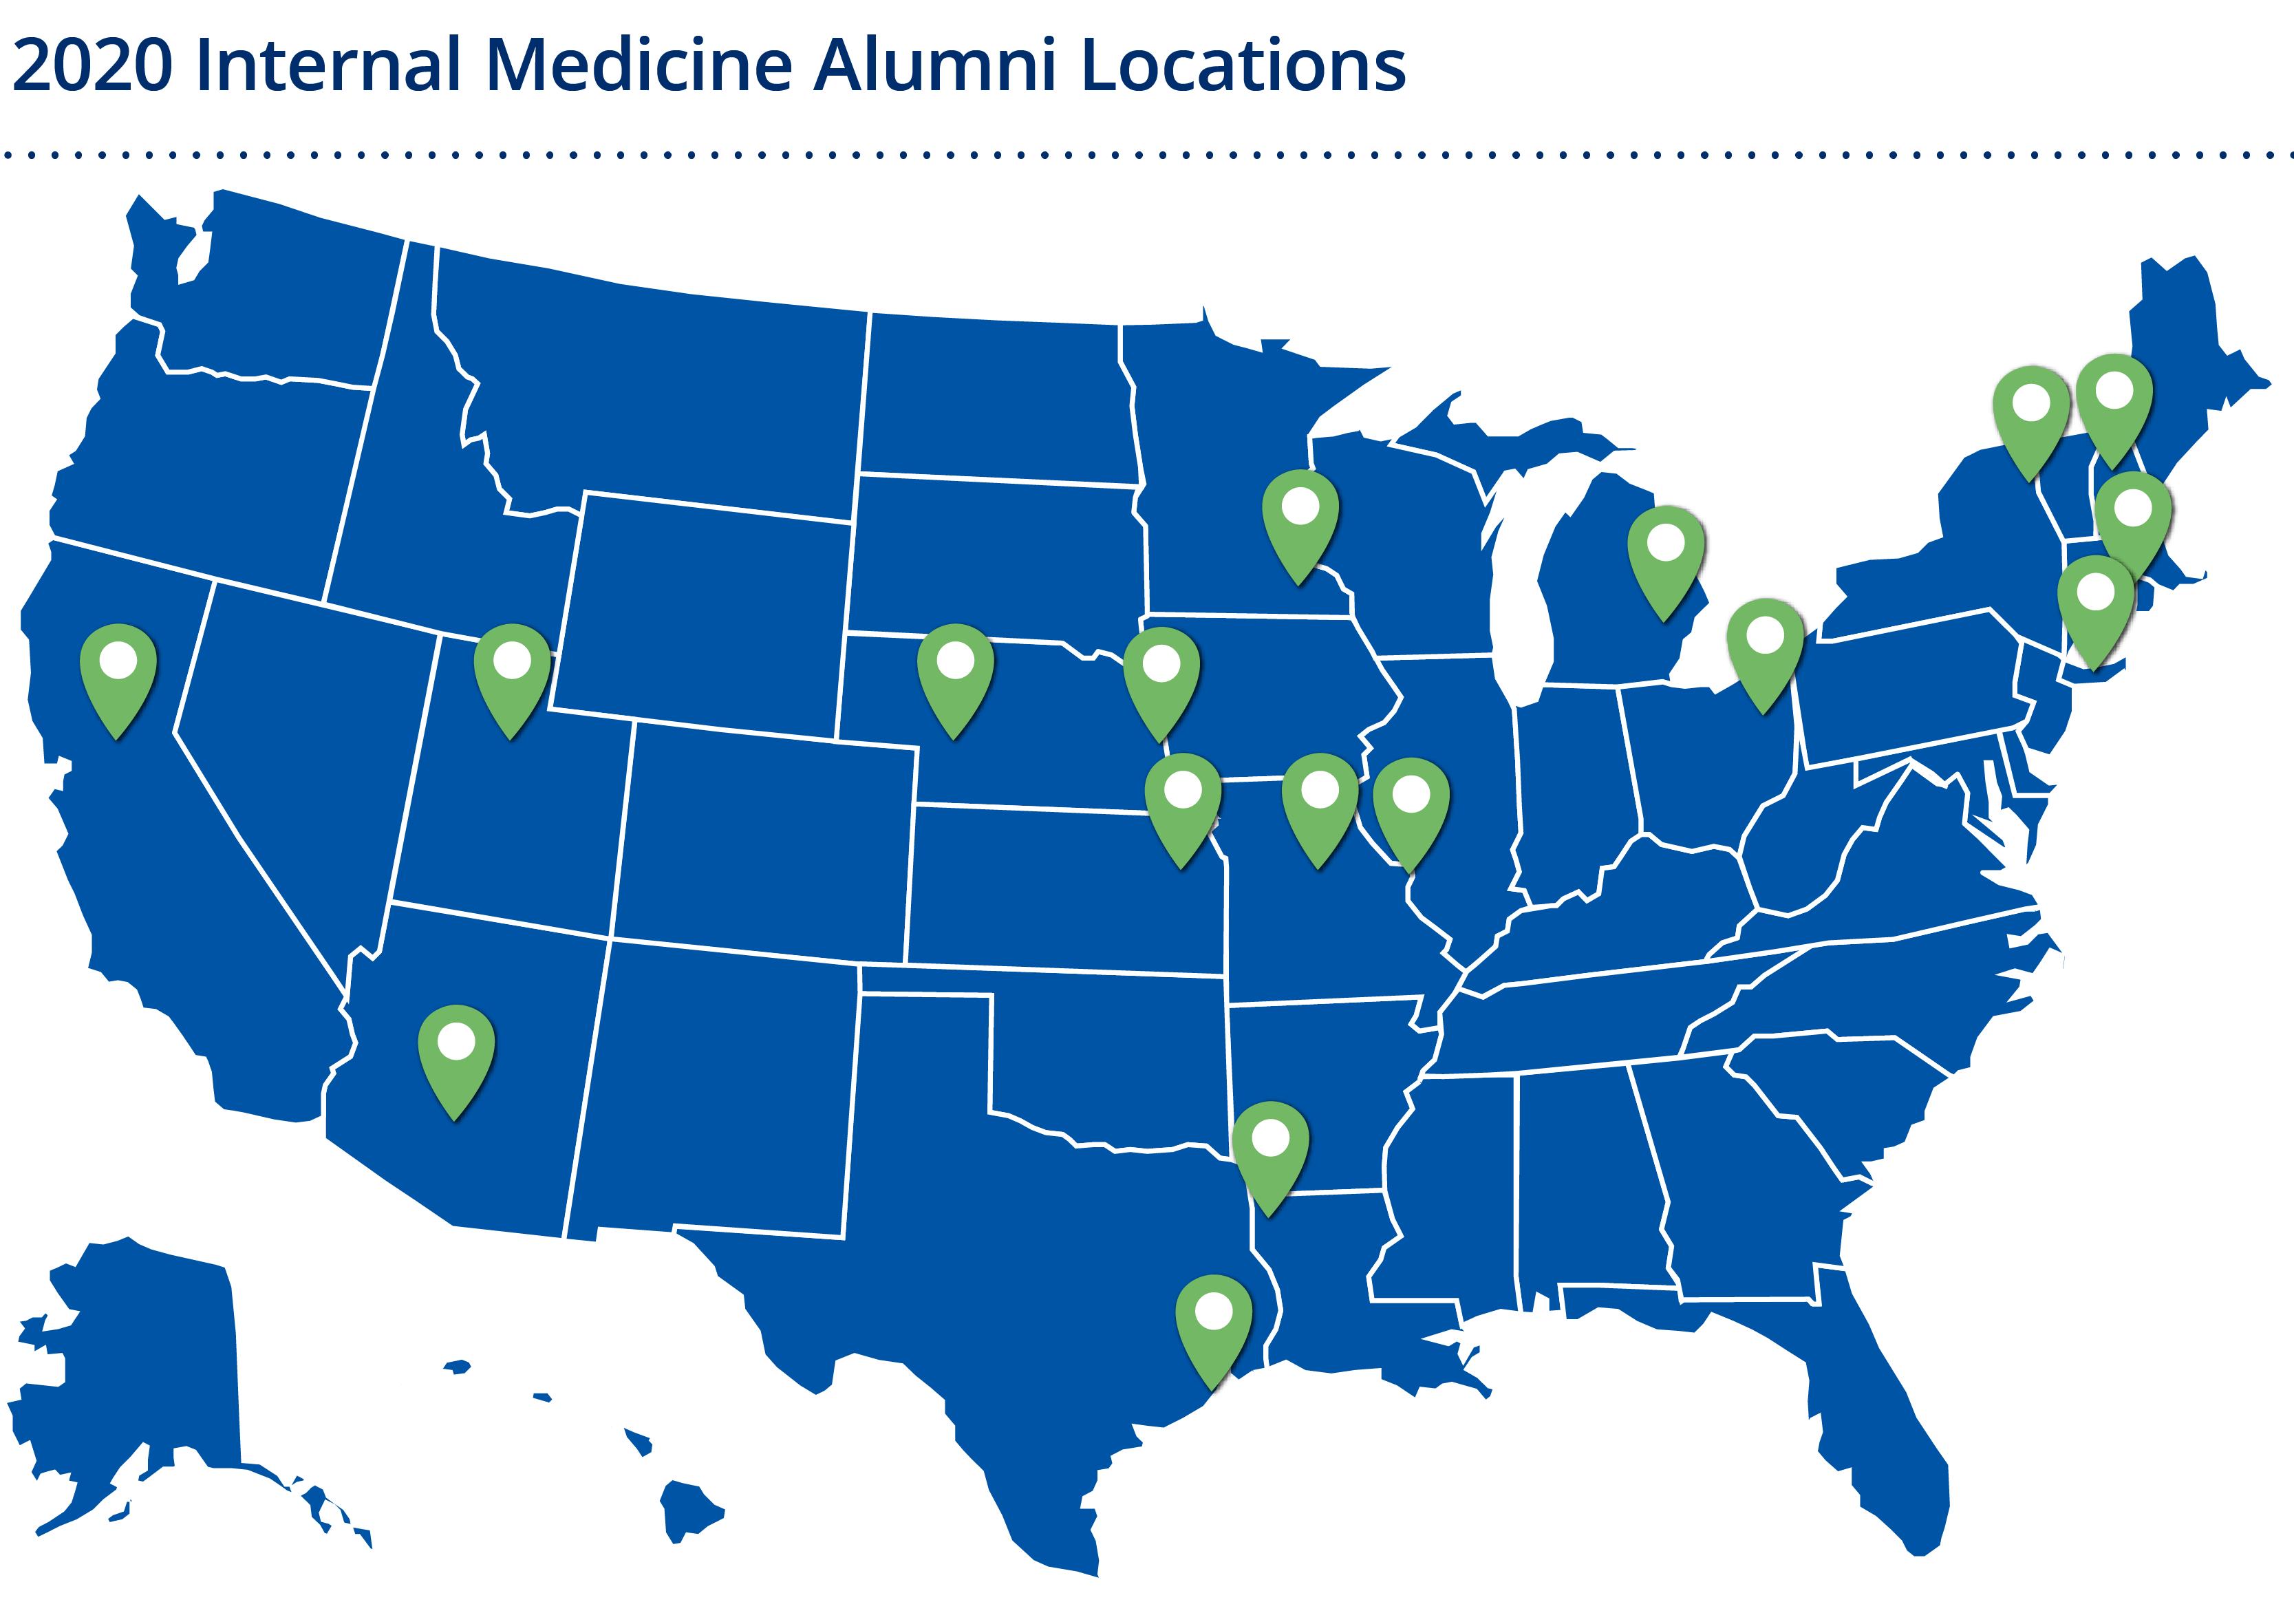 IM alumni locations